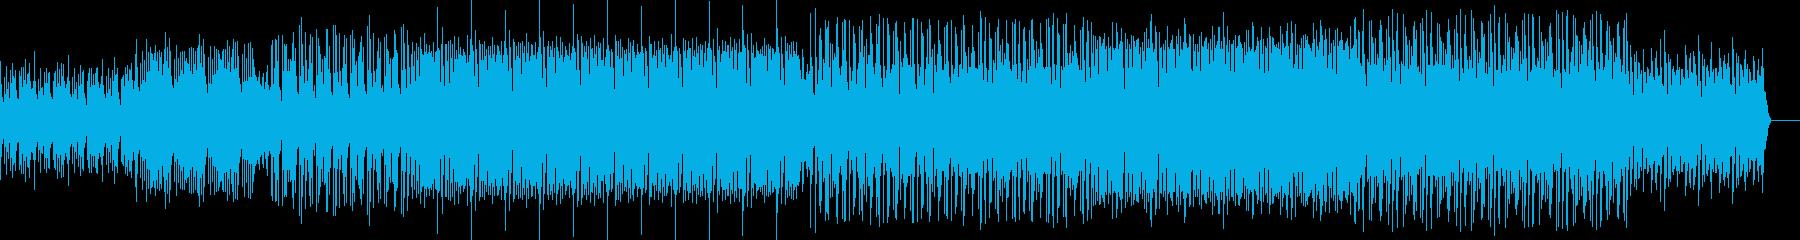 和風 日本を感じるかっこいい激しめの曲の再生済みの波形